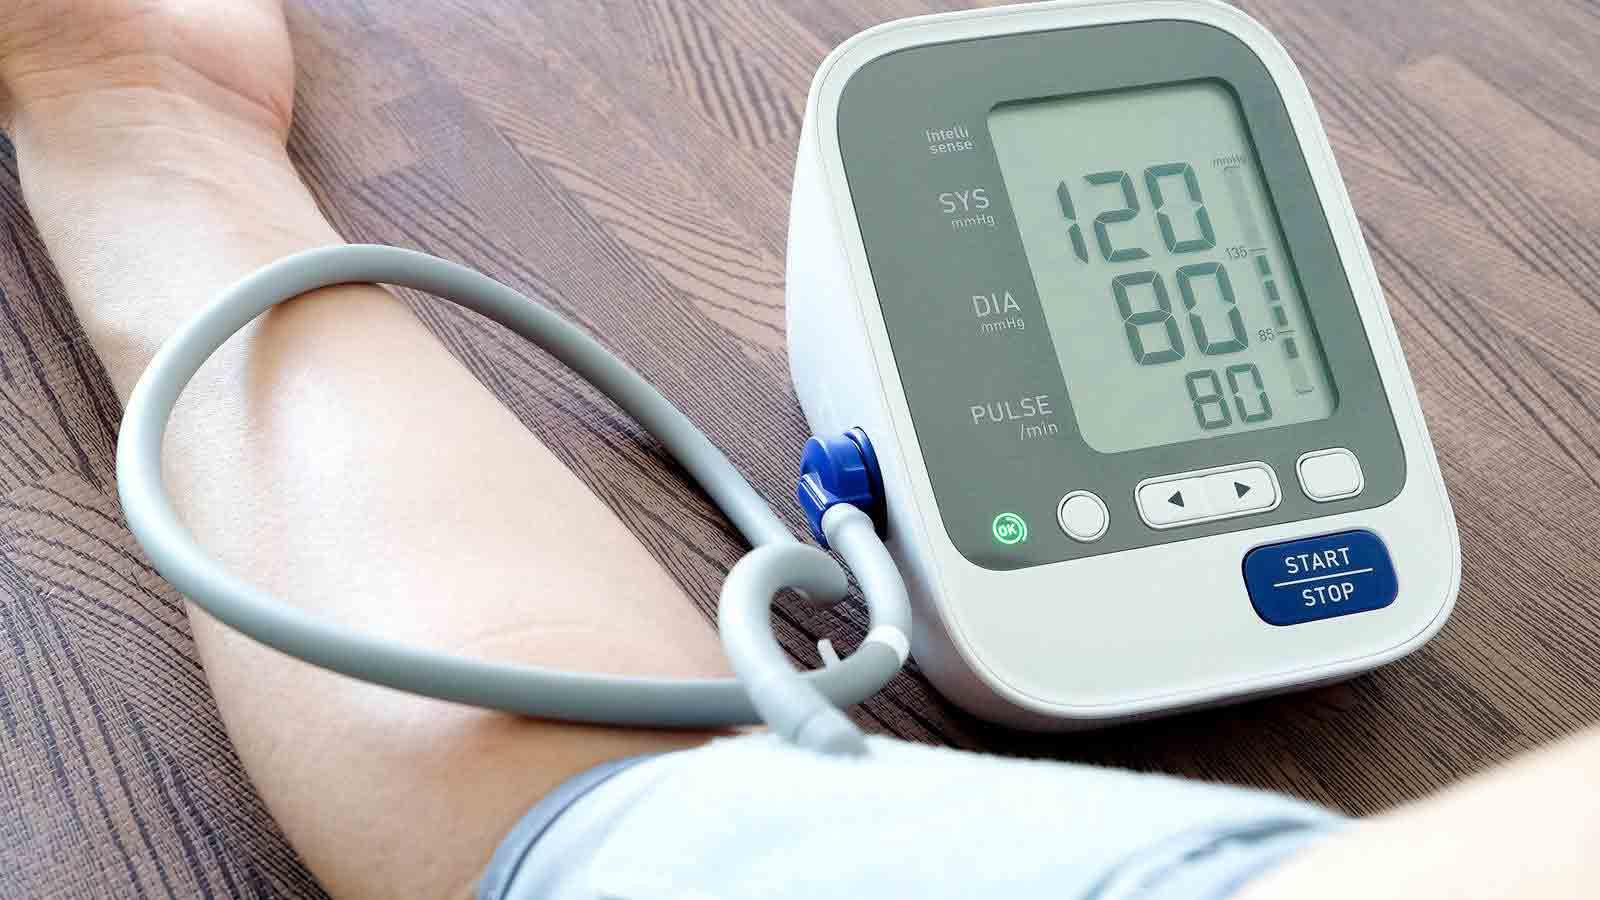 دستگاه دیجیتال اندازه گیری فشار خون  مرکز خدمات پرستاری پارسیان مهرپرور